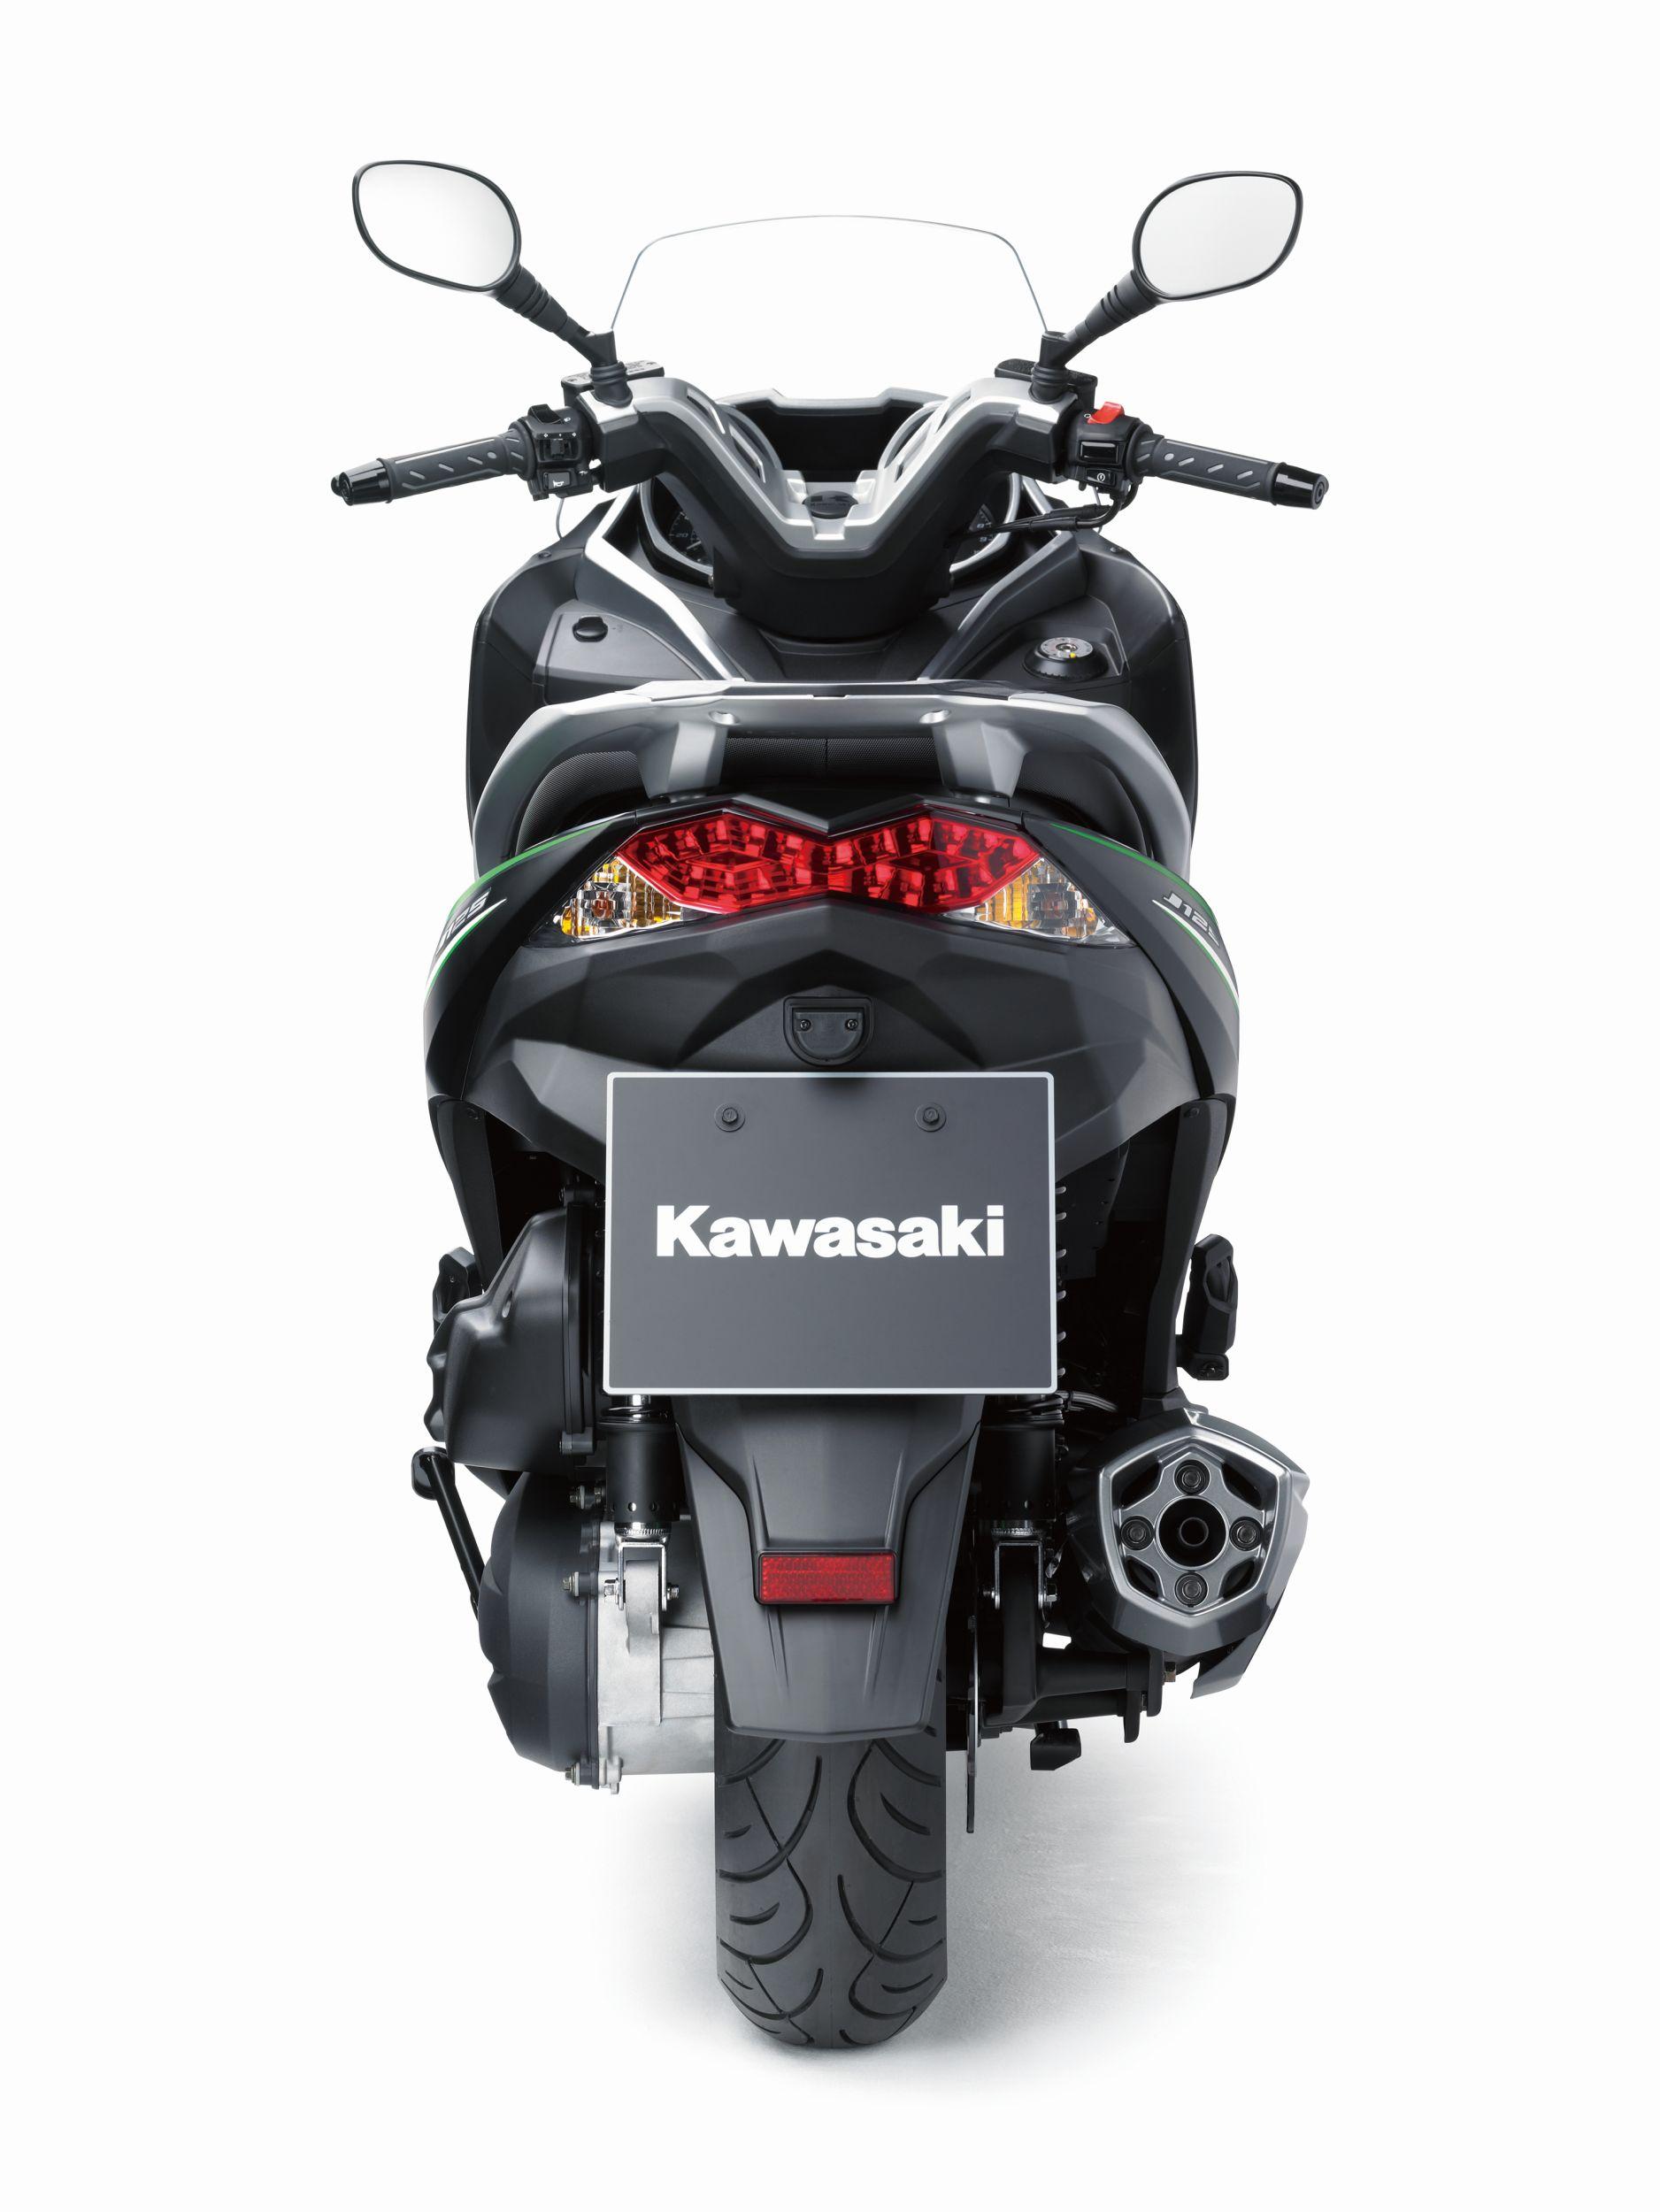 gebrauchte und neue kawasaki j125 motorr der kaufen. Black Bedroom Furniture Sets. Home Design Ideas